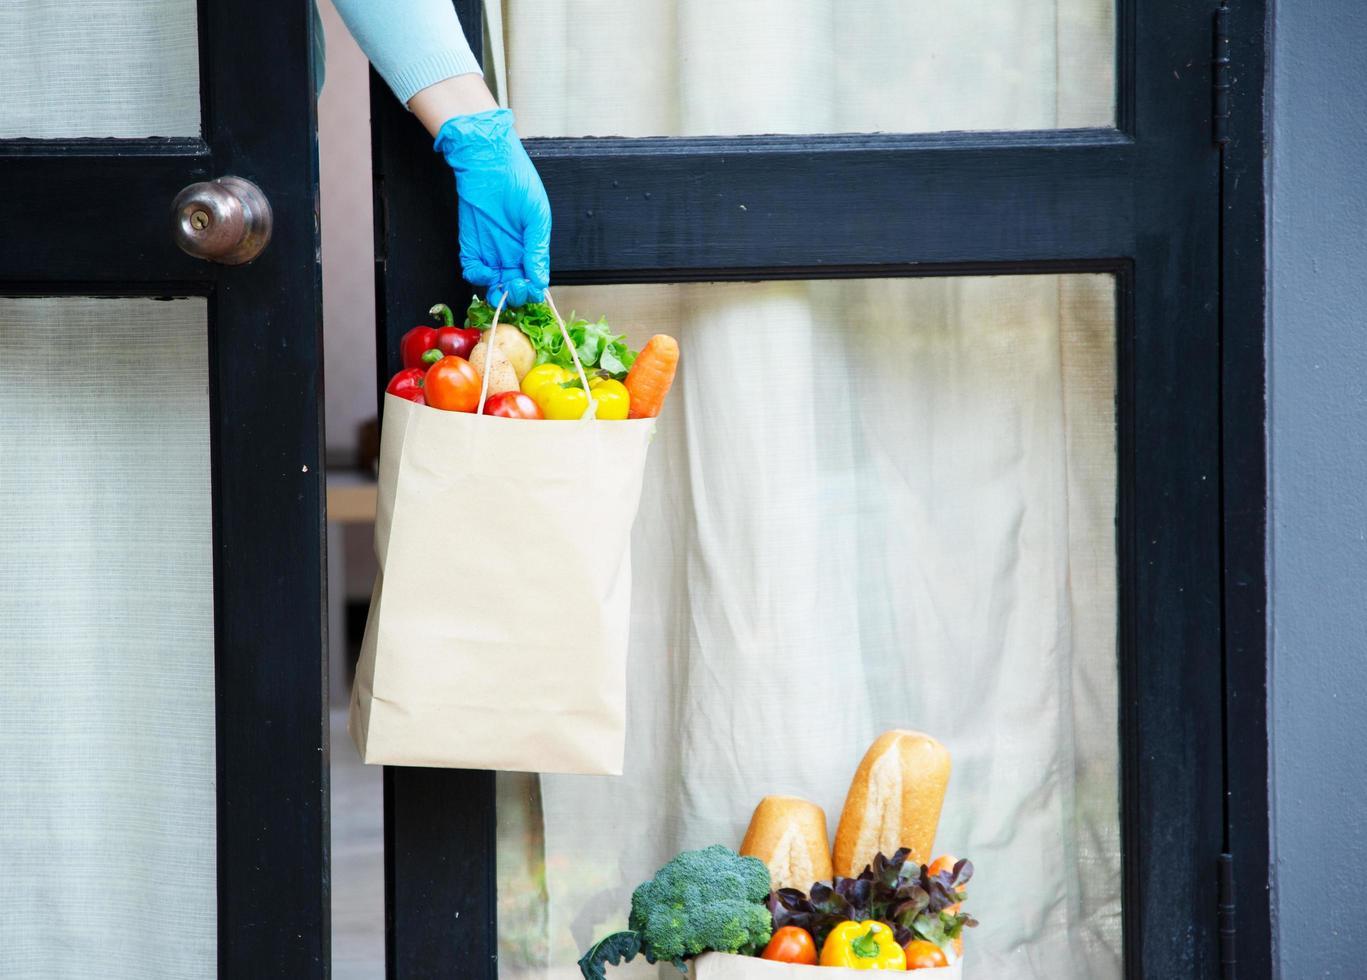 fornitori di servizi di ristorazione. stare a casa ridurre la diffusione del virus covid-19 foto